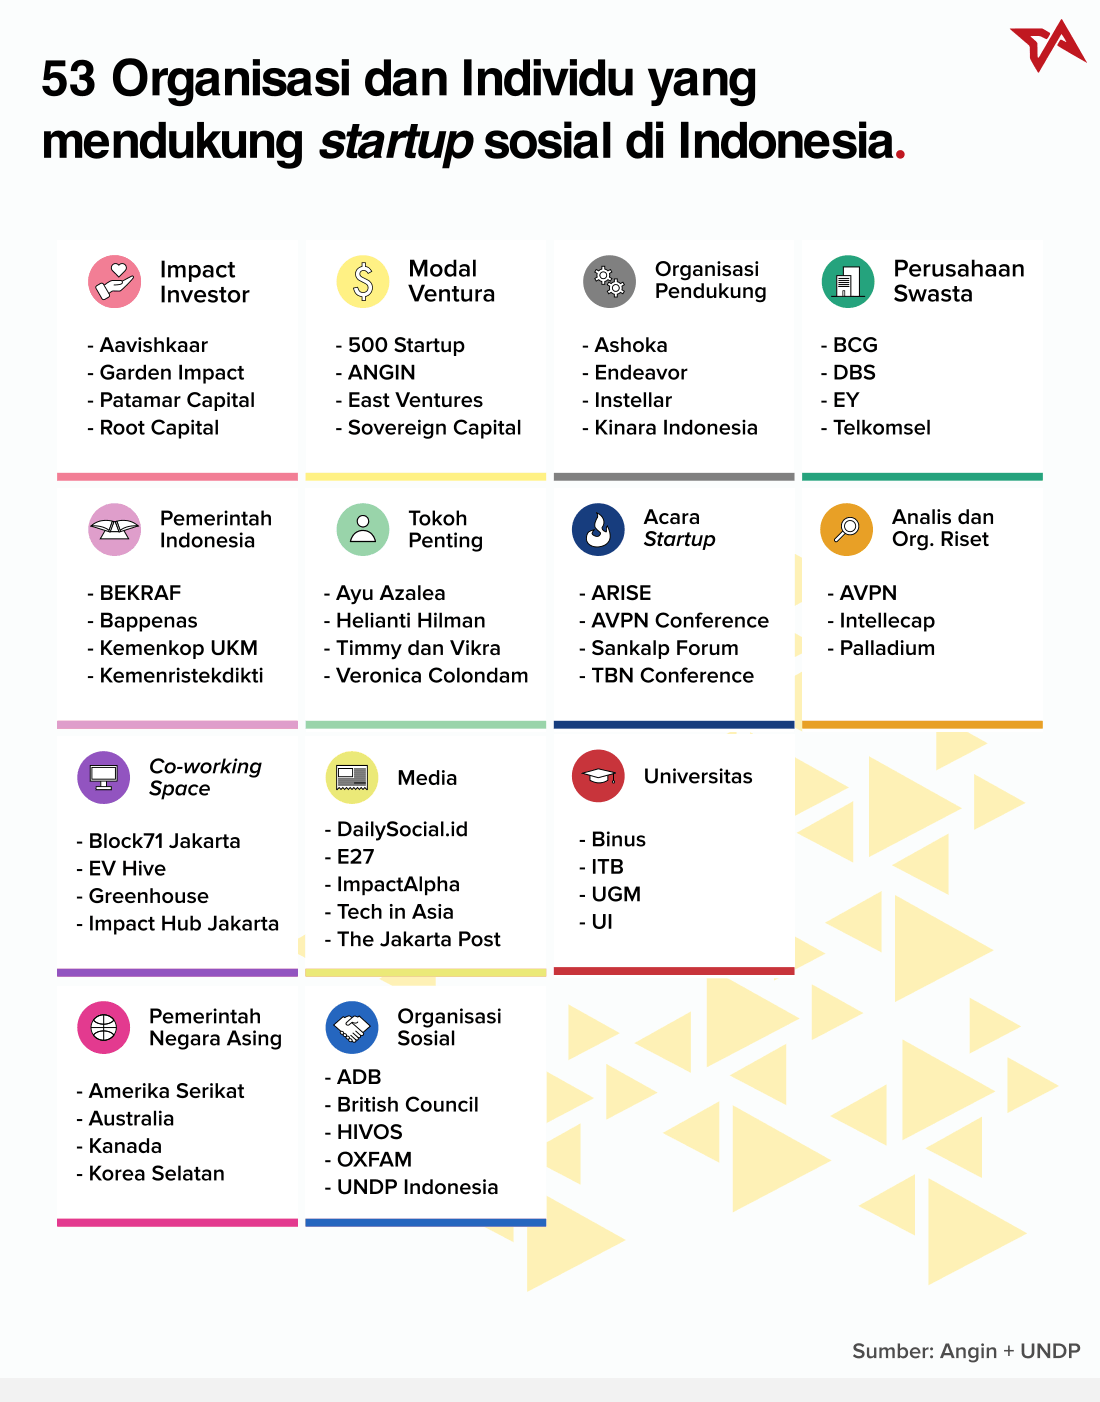 52 Startup Sosial Infografis 3